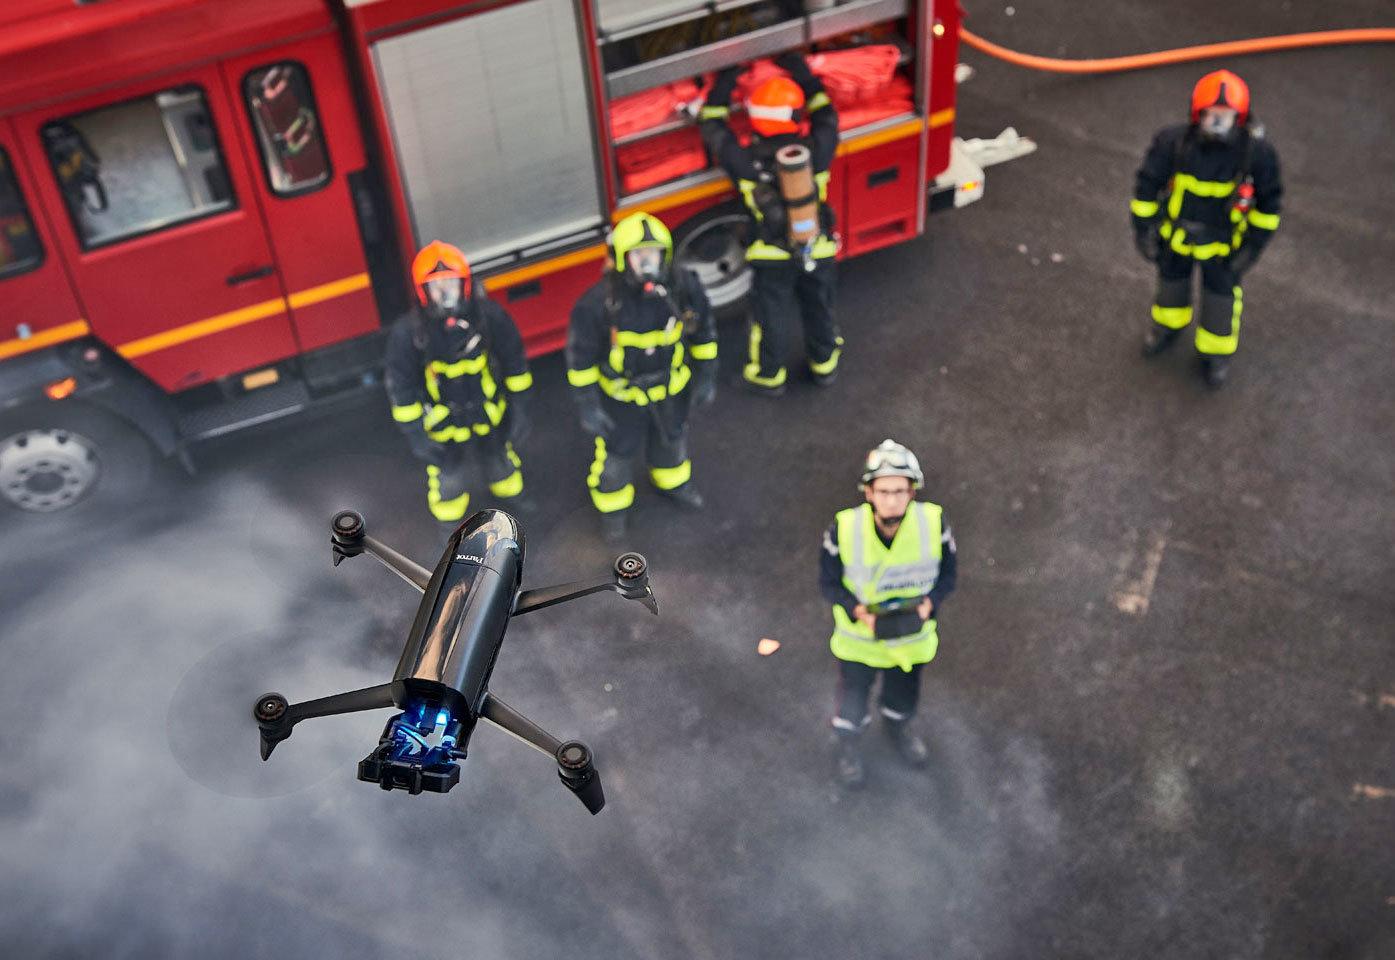 применений для дронов в коммерческих целях